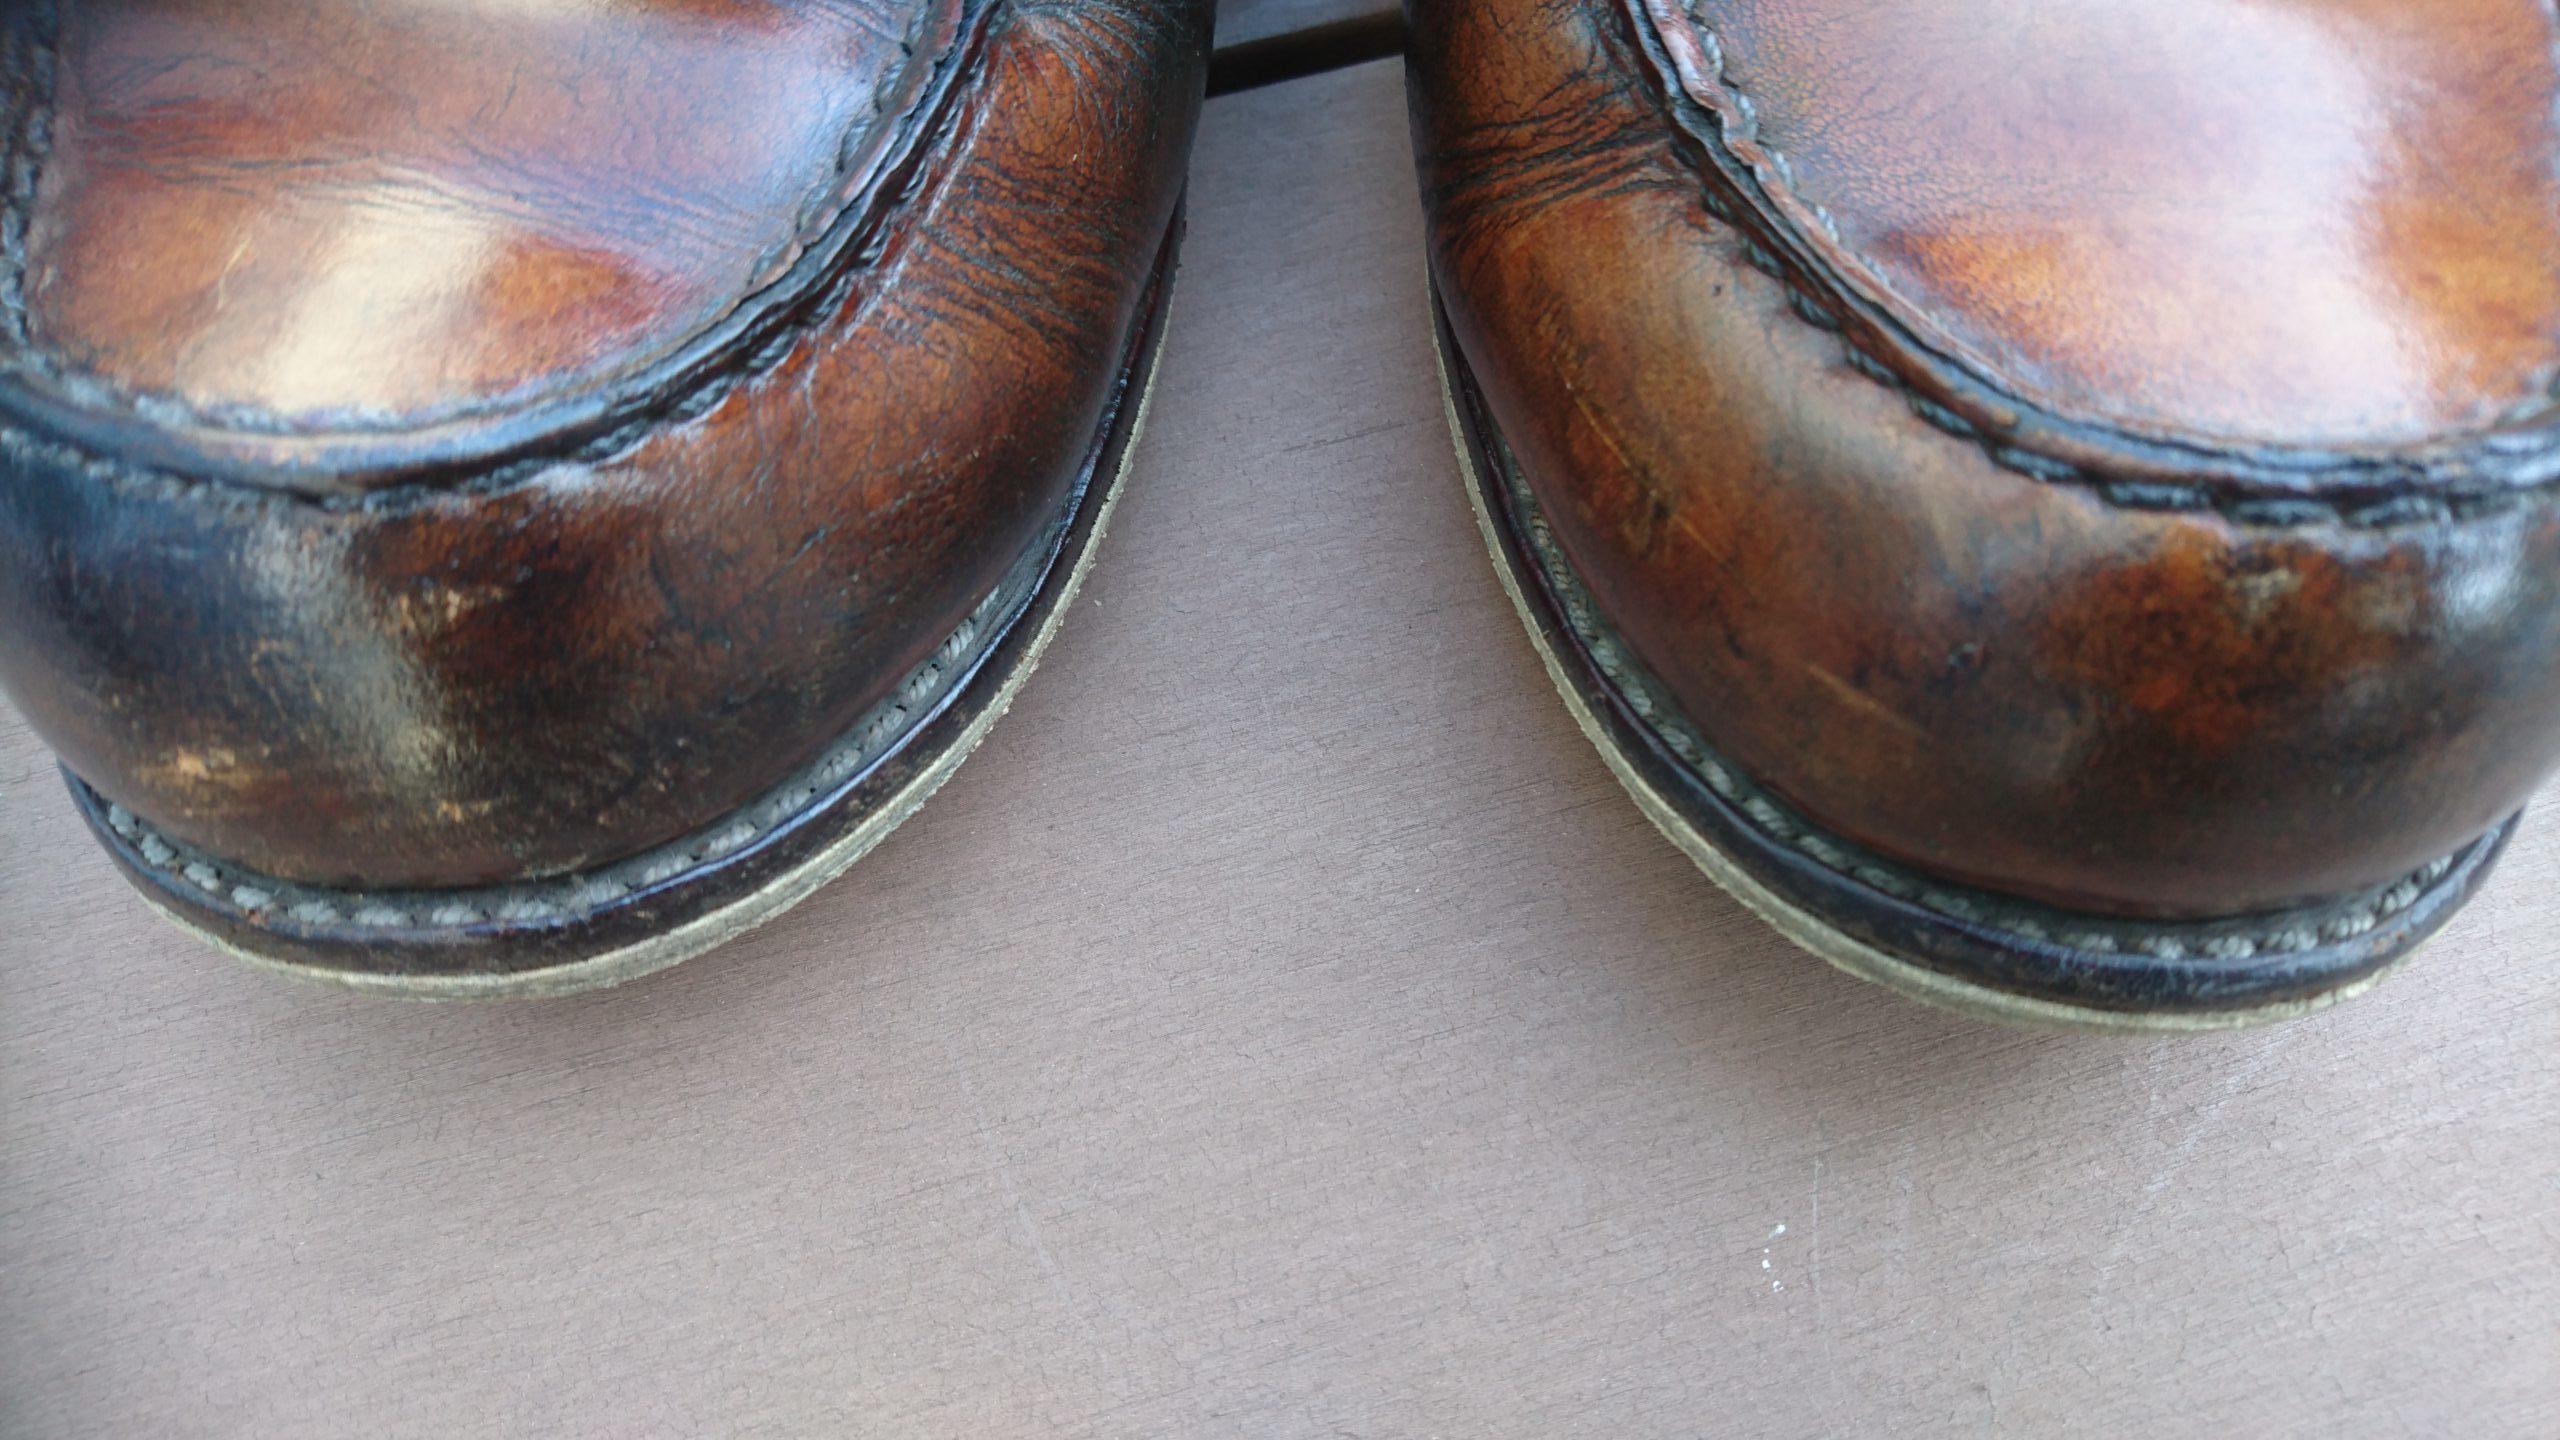 靴磨き後のワークブーツ(redwing)